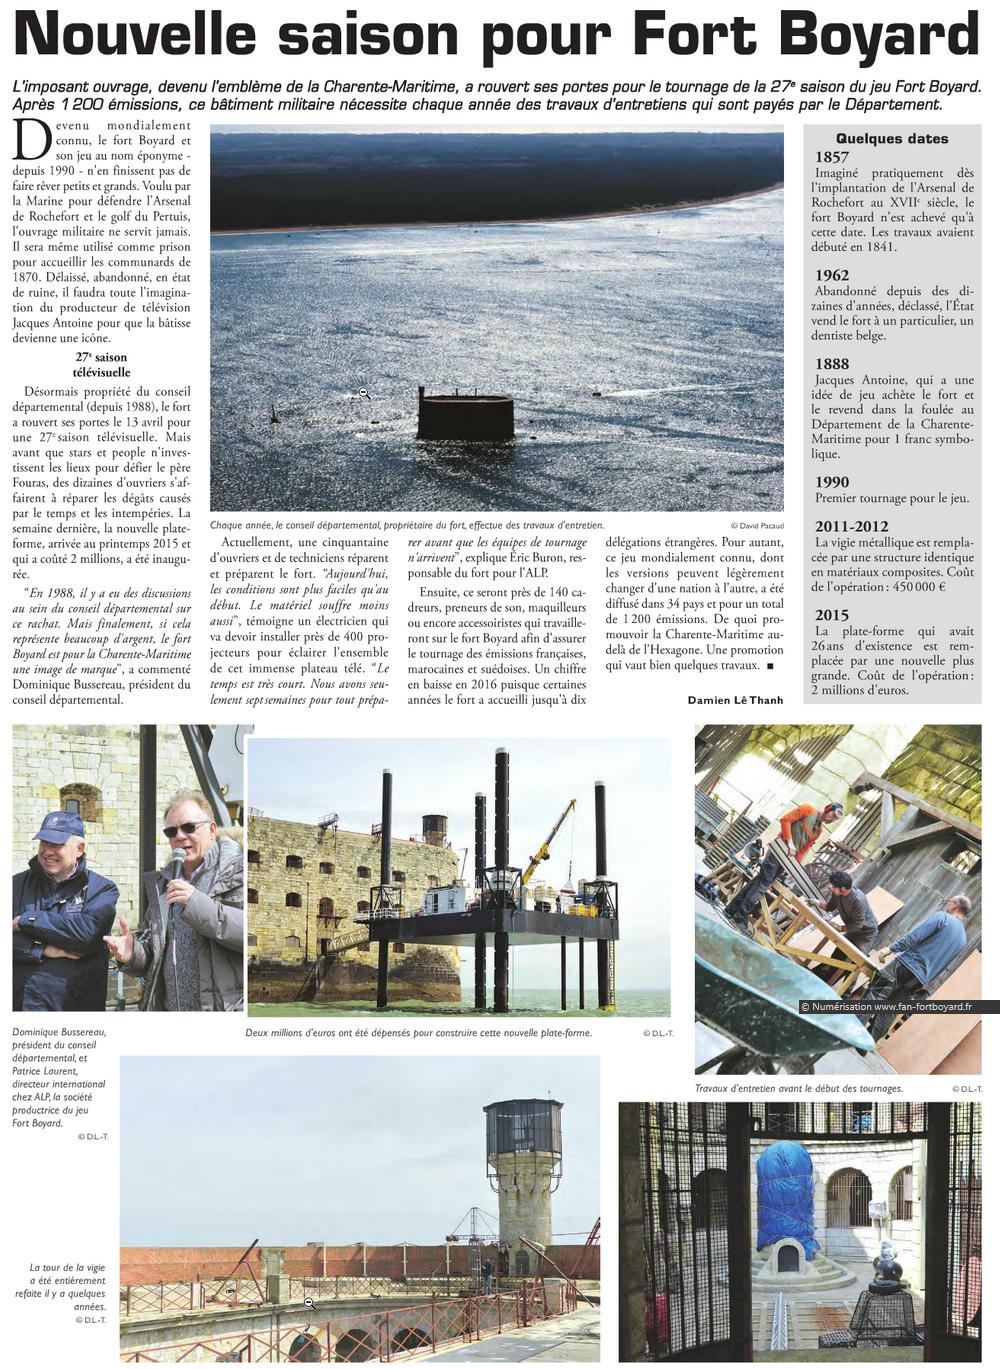 Travaux 2016 au Fort Boyard : Création d'un 2e accès depuis la plate-forme - Page 3 713287lelittoral29042016Copie